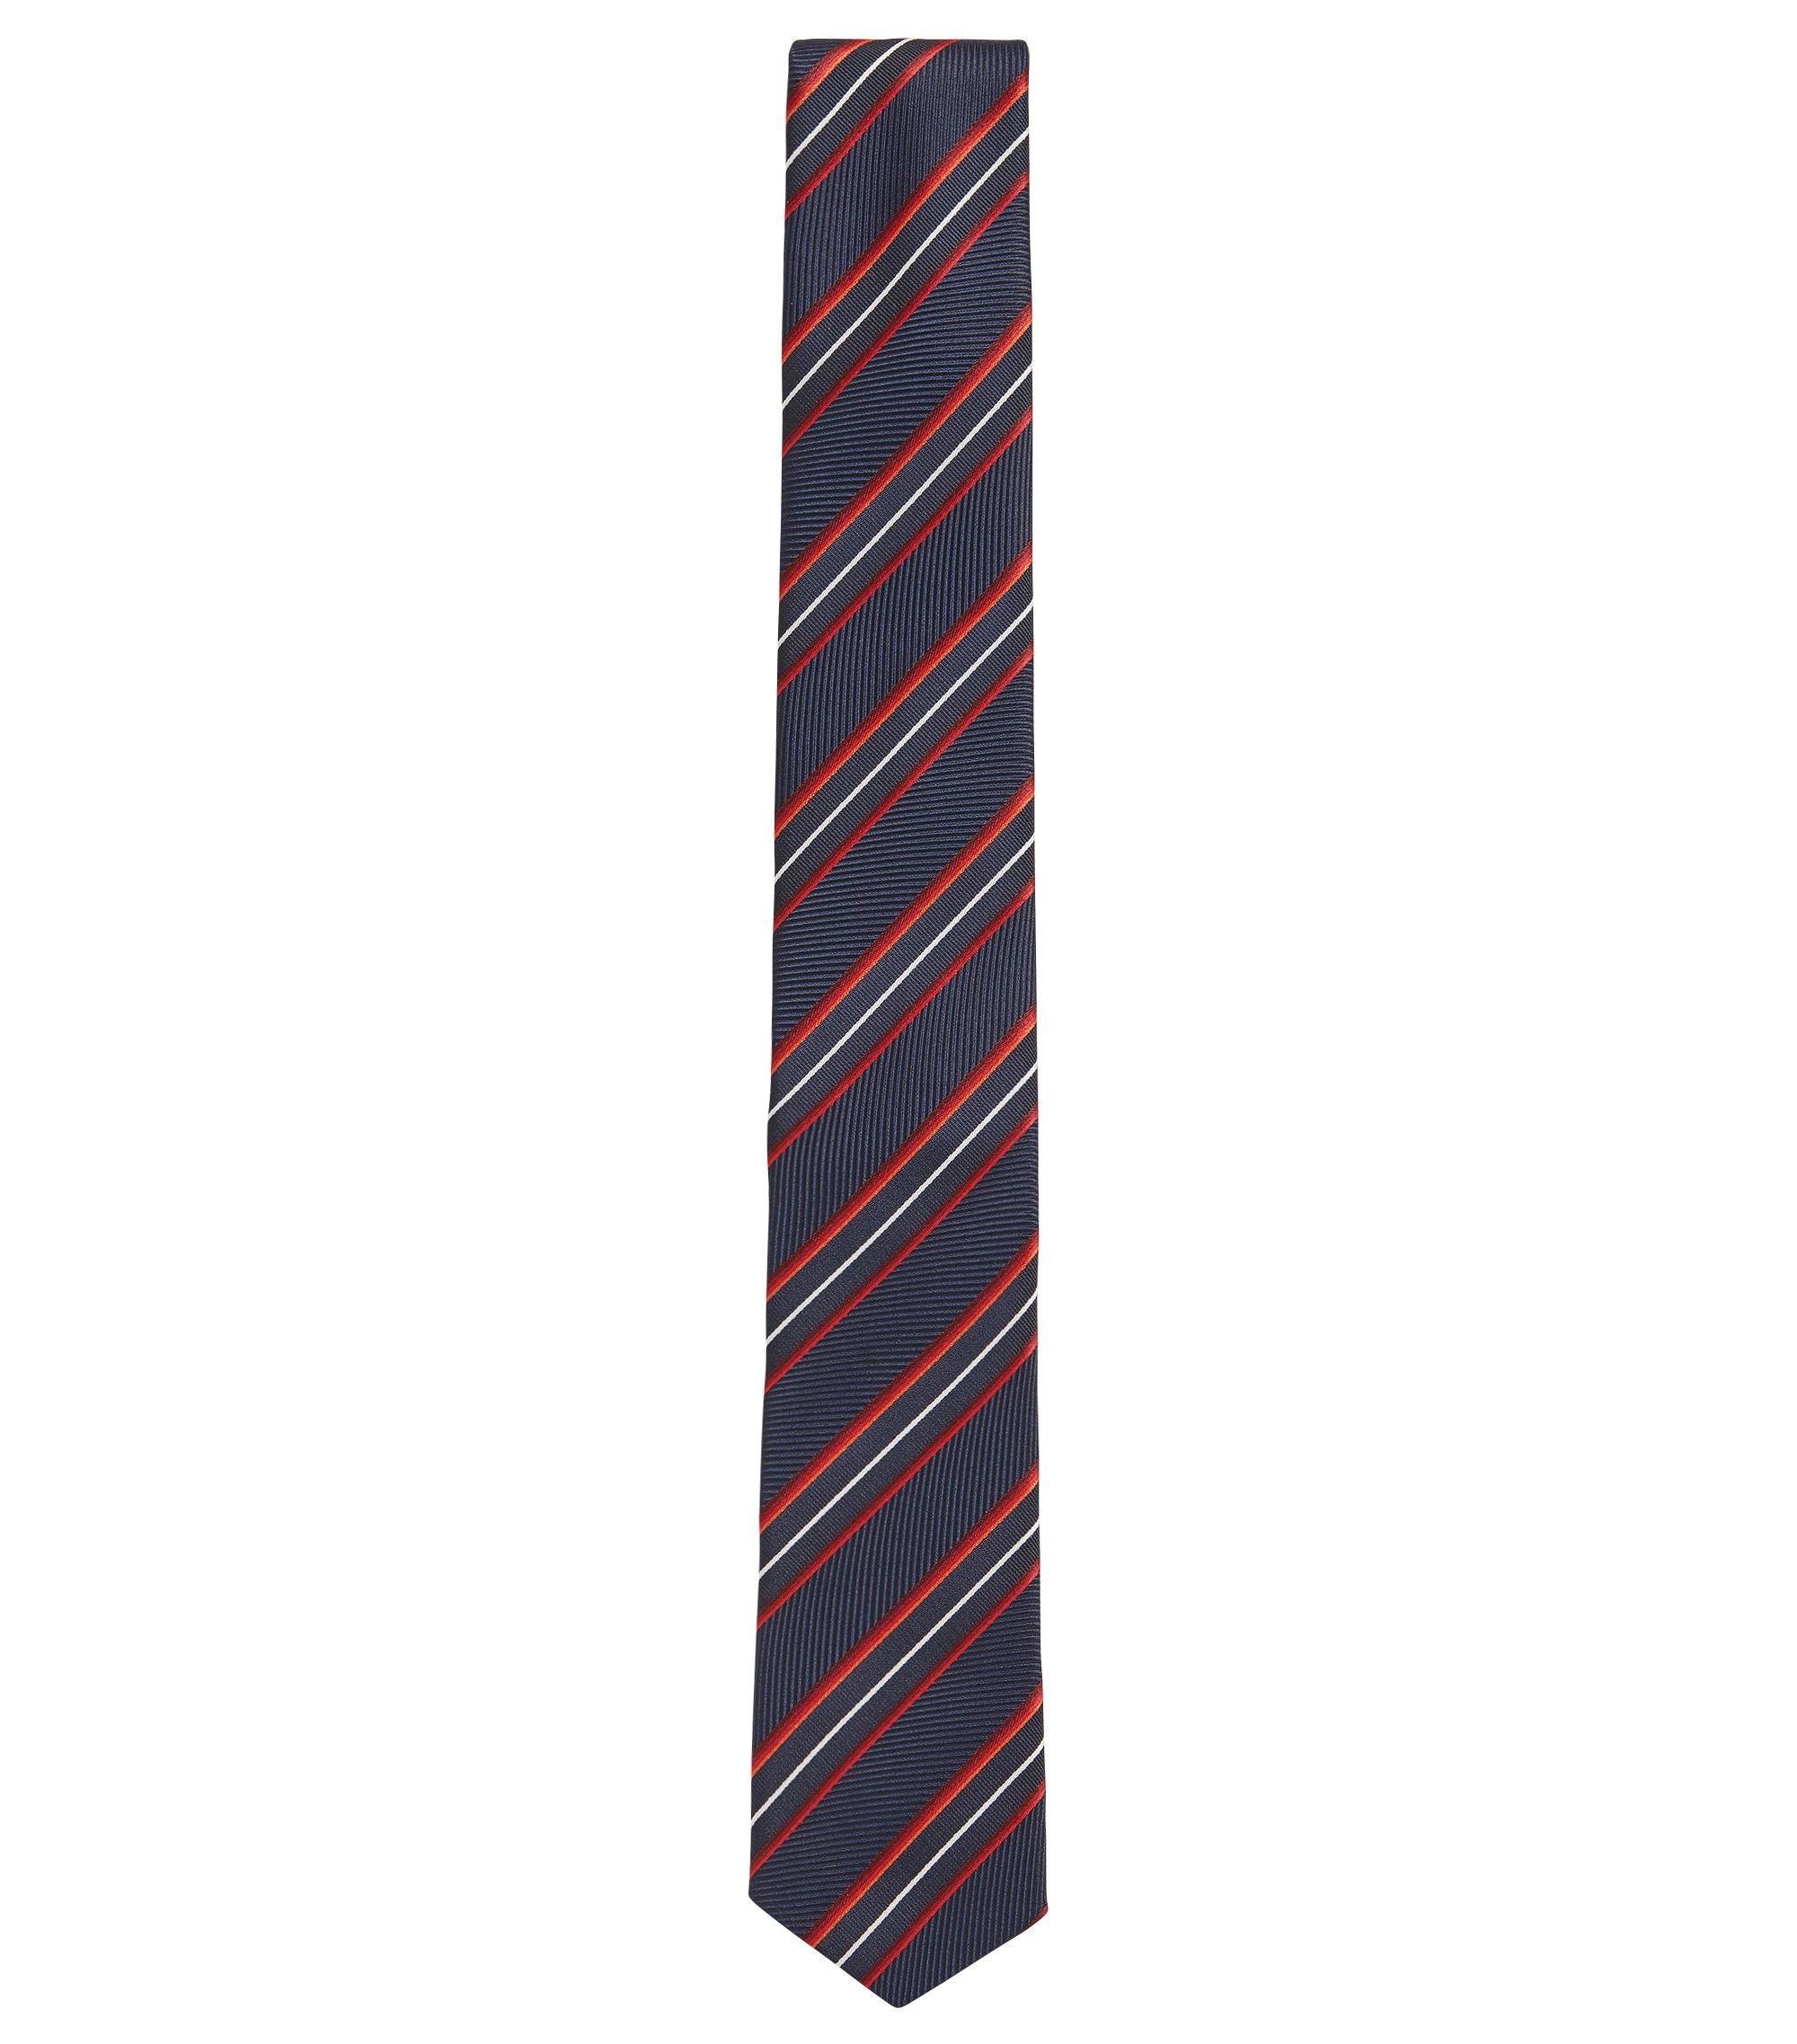 Zijden stropdas met structuurstrepen en gevormde punt, Rood